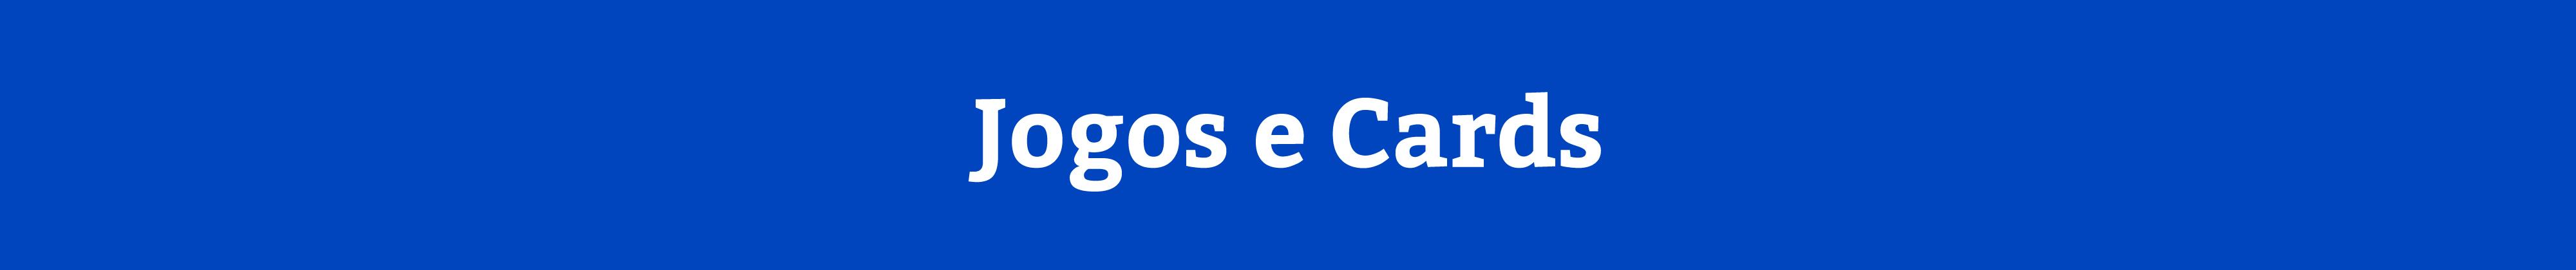 banner topo departamentos